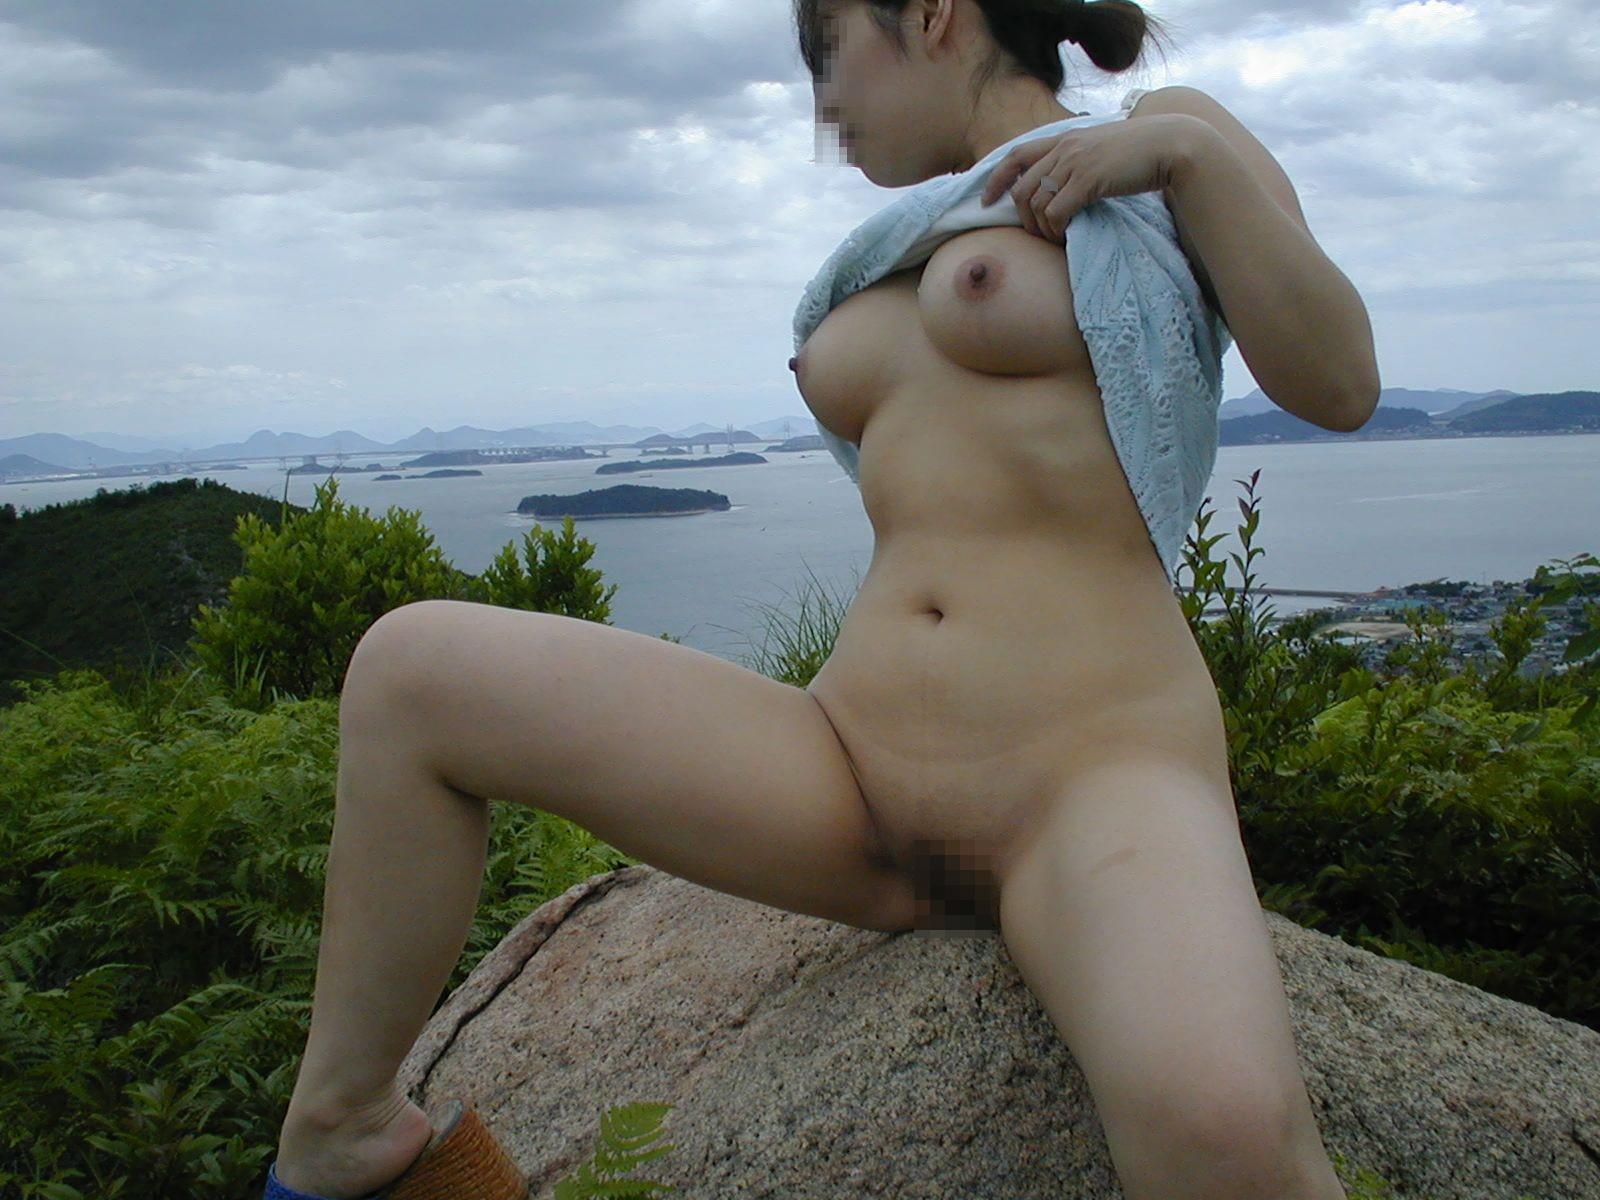 【露出エロ画像】最初は乳首1つ出したっきりだったのに…場数踏んで全裸も余裕な野外露出マニア達www 18